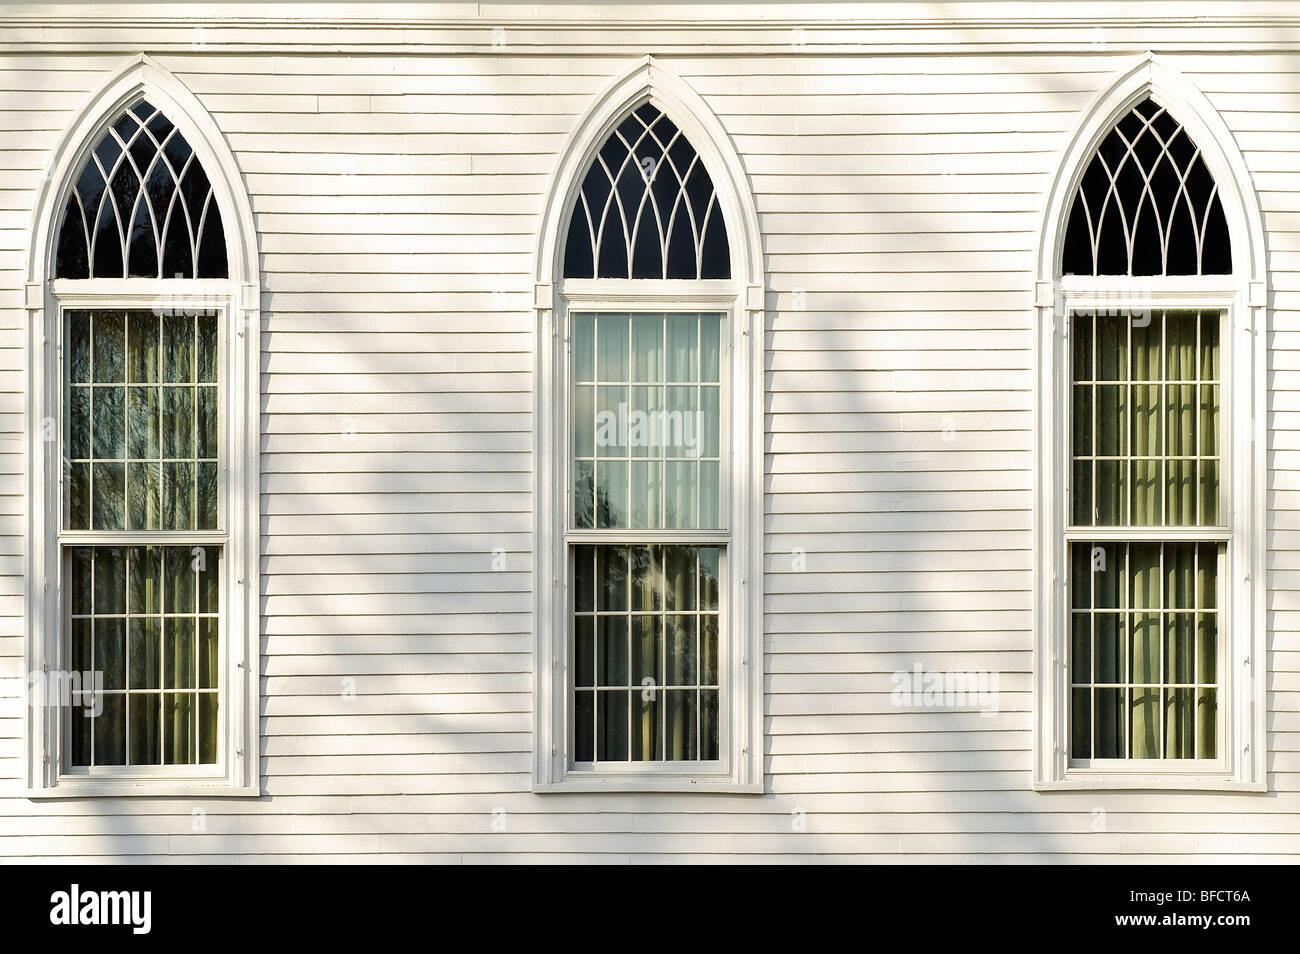 Détail de la fenêtre de l'église. Photo Stock